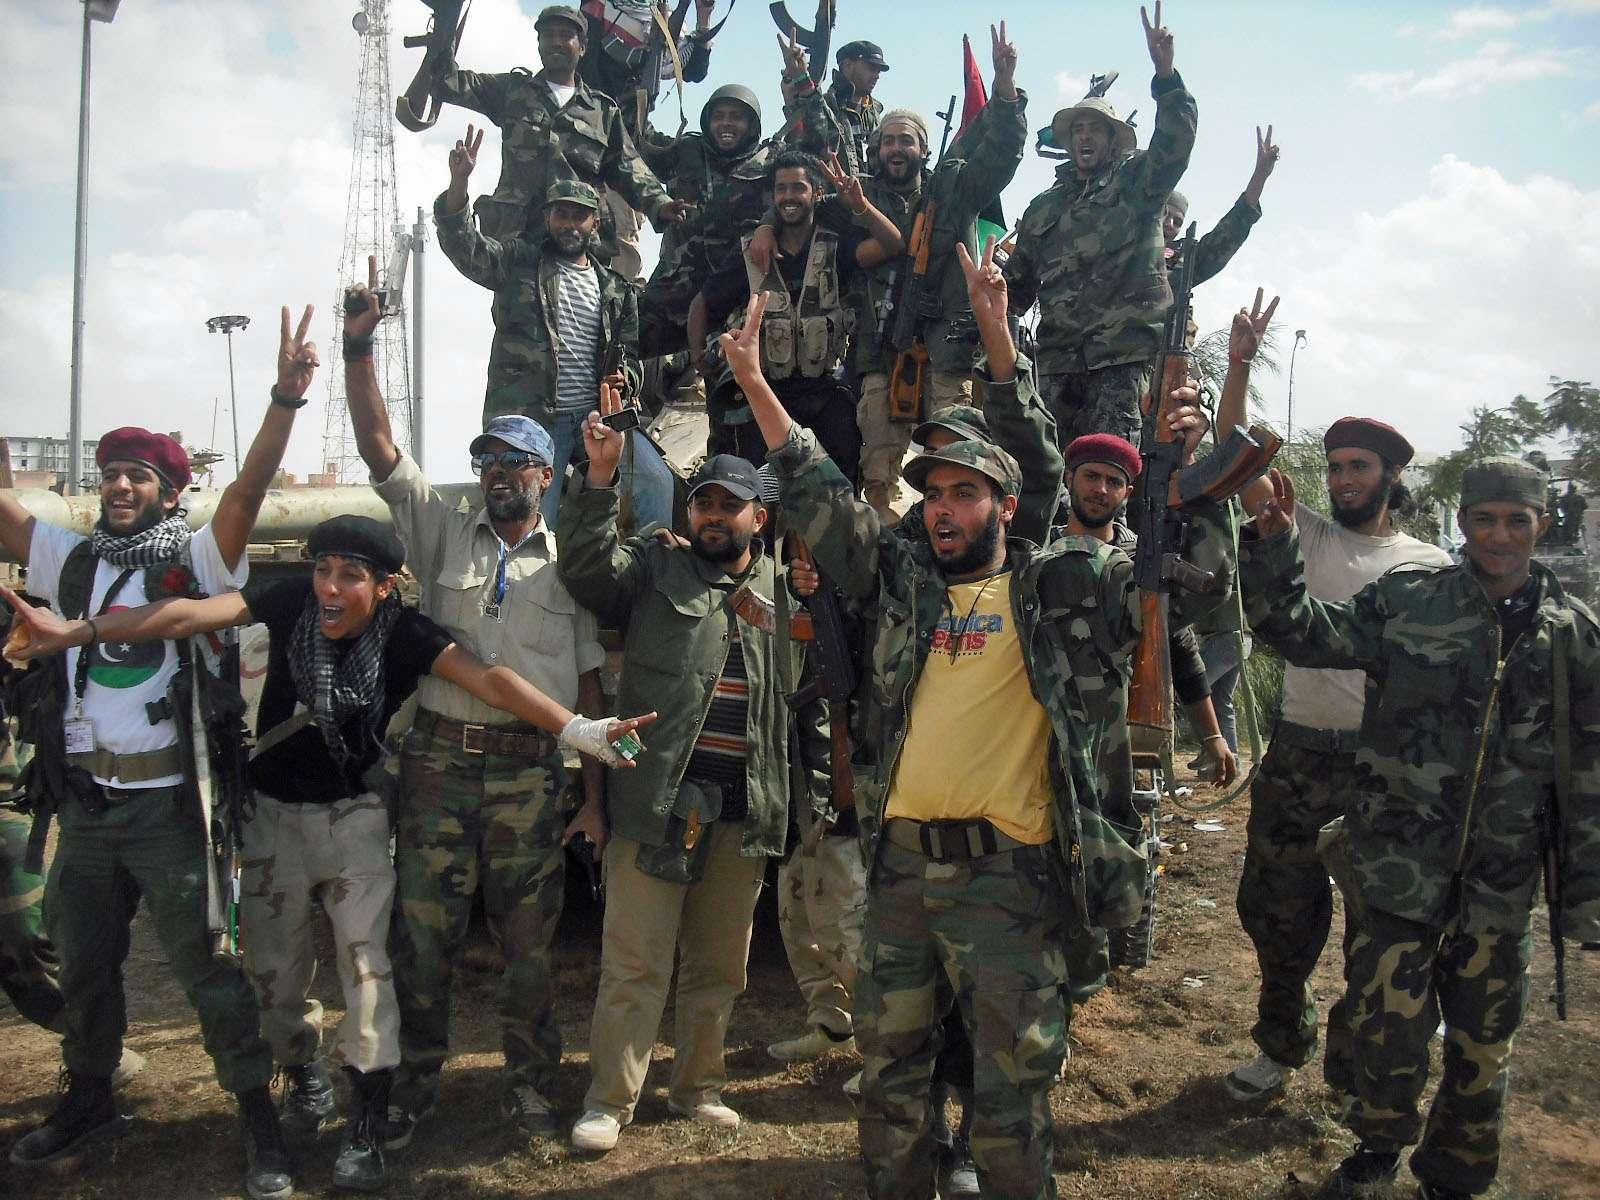 Libya civil war militias